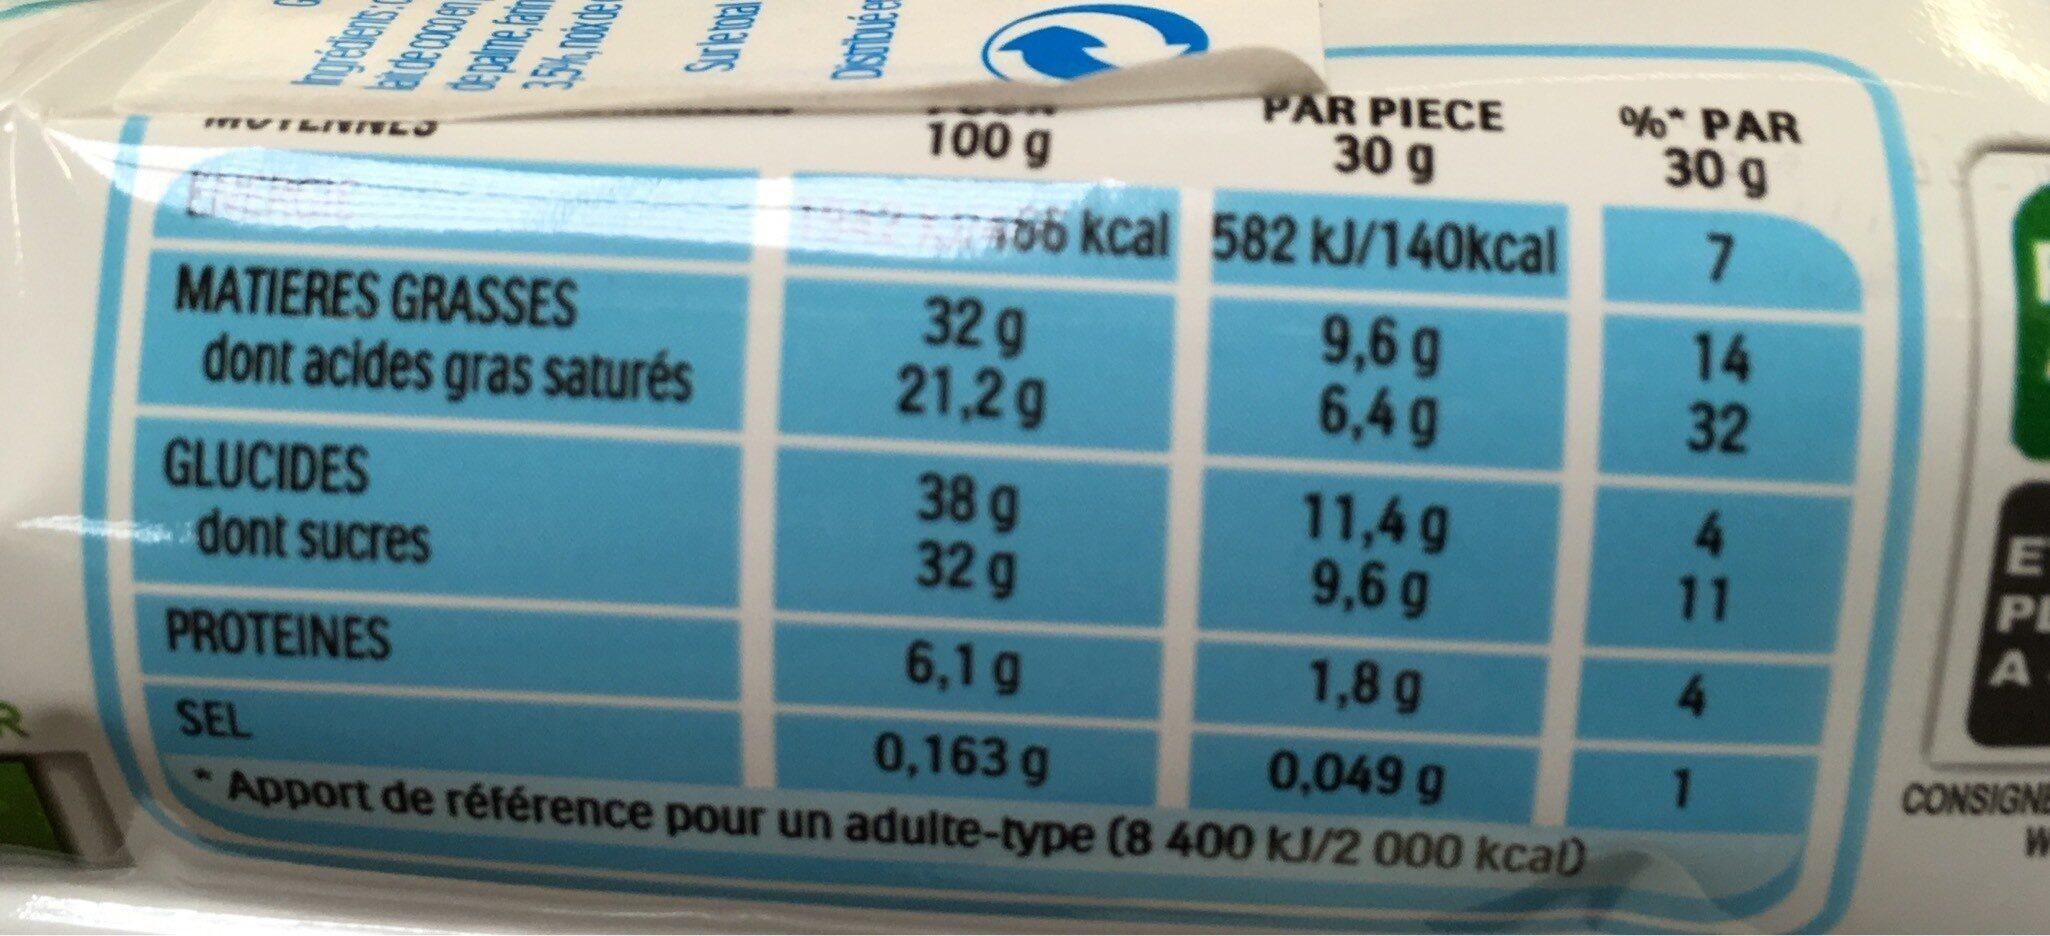 Kinder pingui coco gouter frais genoise fourree lait et noix de coco enrobee de chocolat superieur au lait avec decor au coco t4 pack de 4 - Informations nutritionnelles - fr